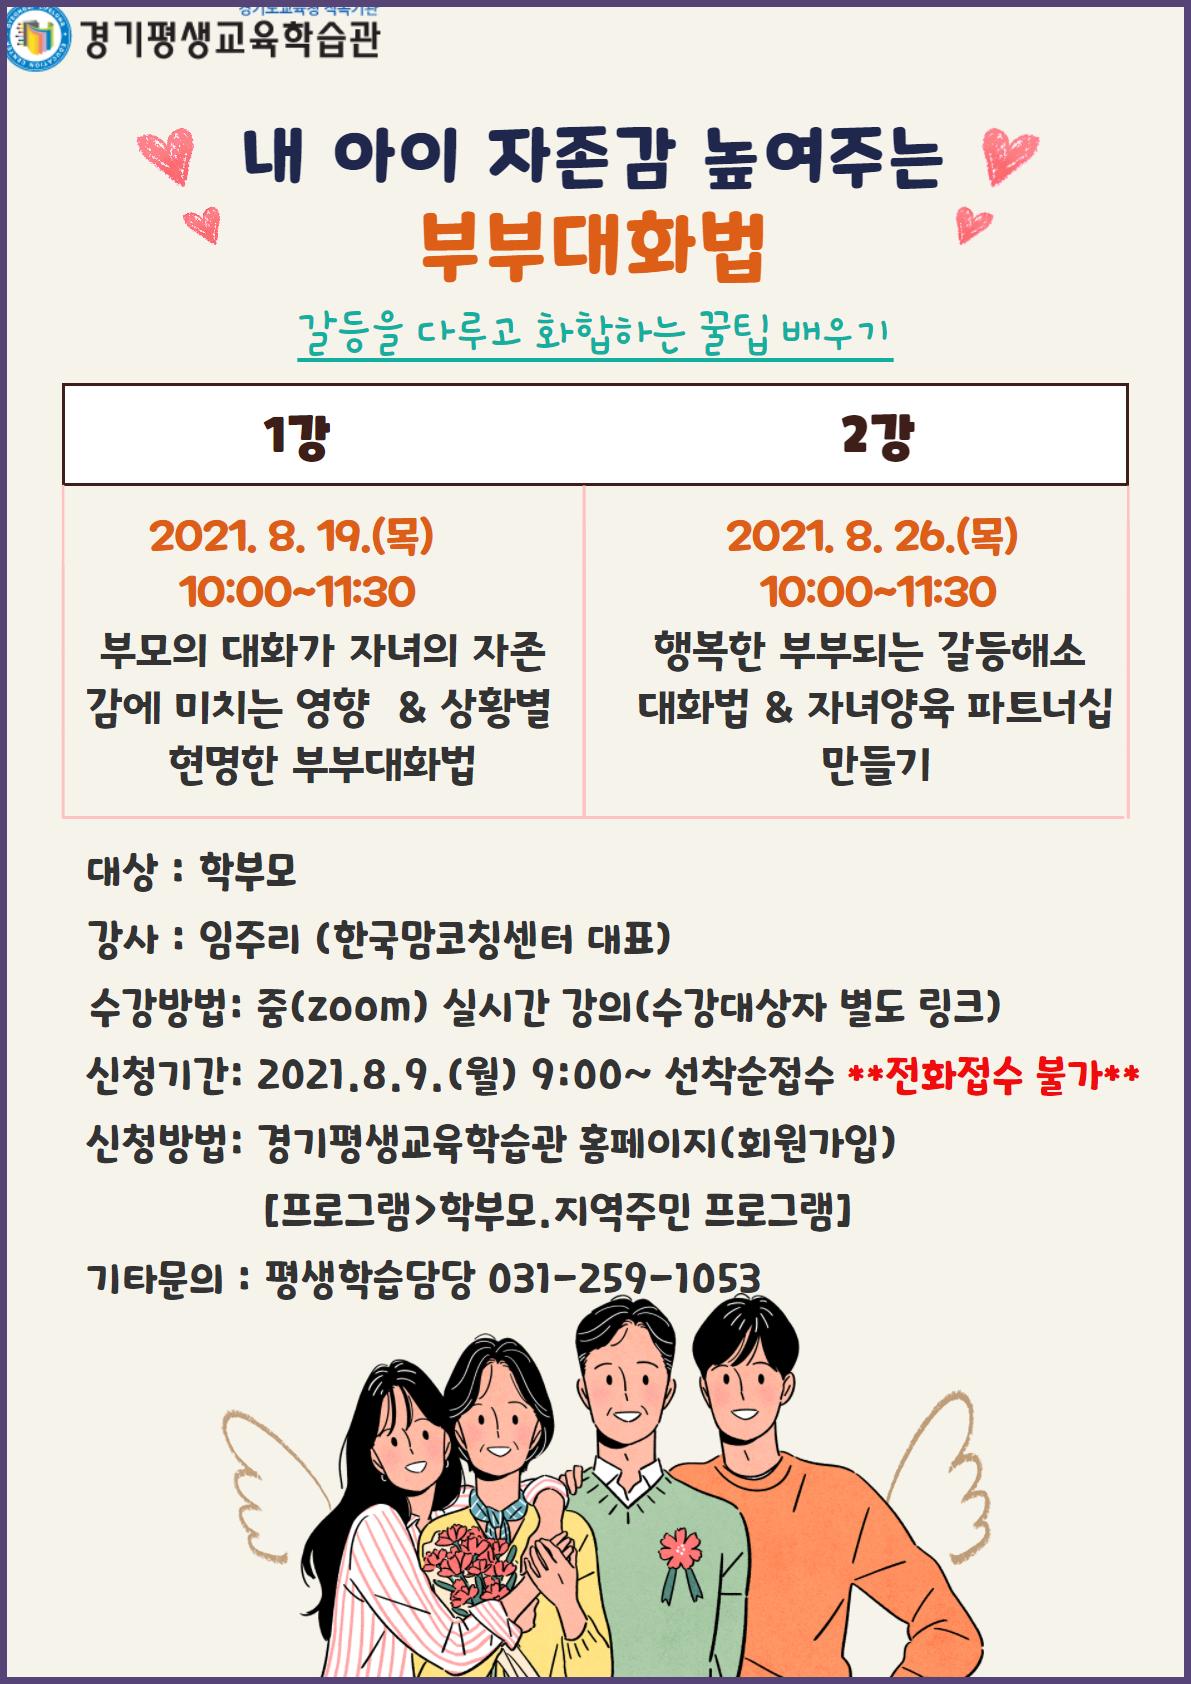 [일반] 경기평생교육원 학부모 연수 안내의 첨부이미지 1